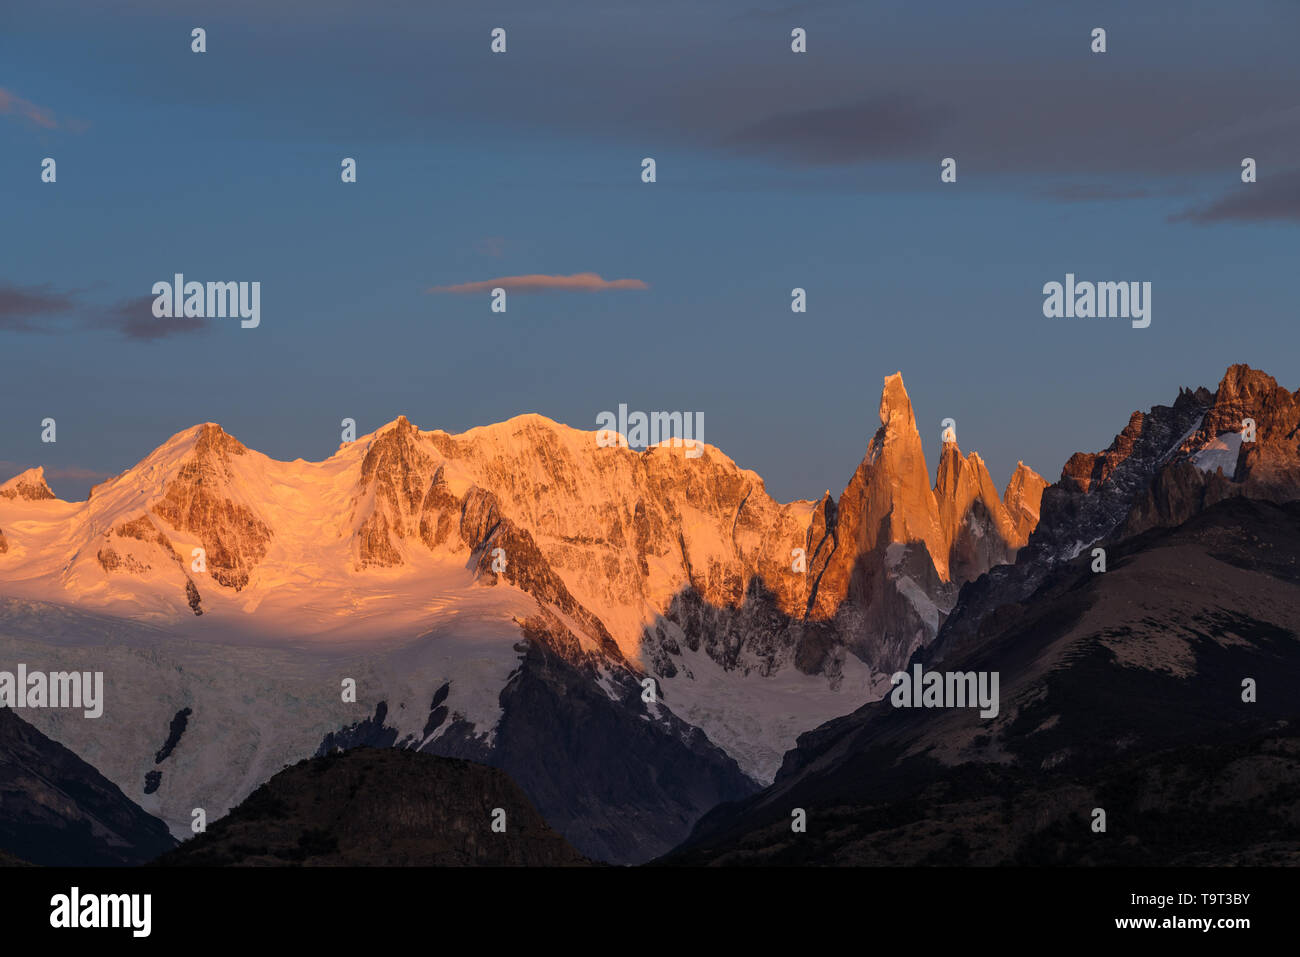 Luz del amanecer dorado en el Macizo de Adela y el Cerro Torre. Parque Nacional Los Glaciares, cerca de El Chaltén, Argentina. Patrimonio Mundial de la UNESCO Foto de stock